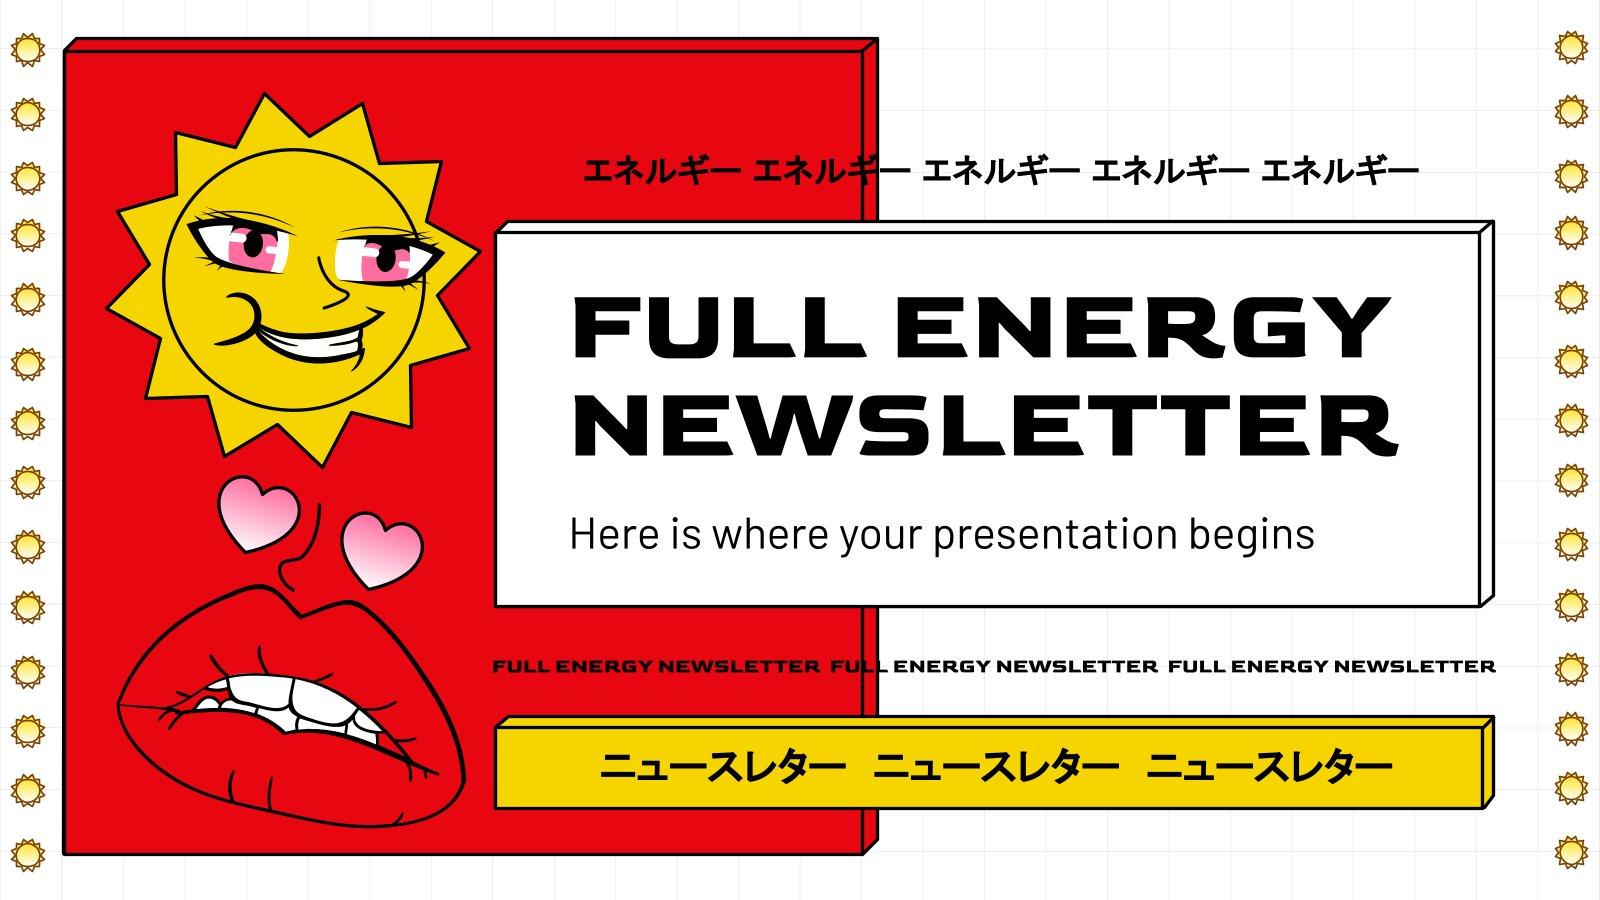 Le bulletin d'information au maximum ! : Modèles de présentation